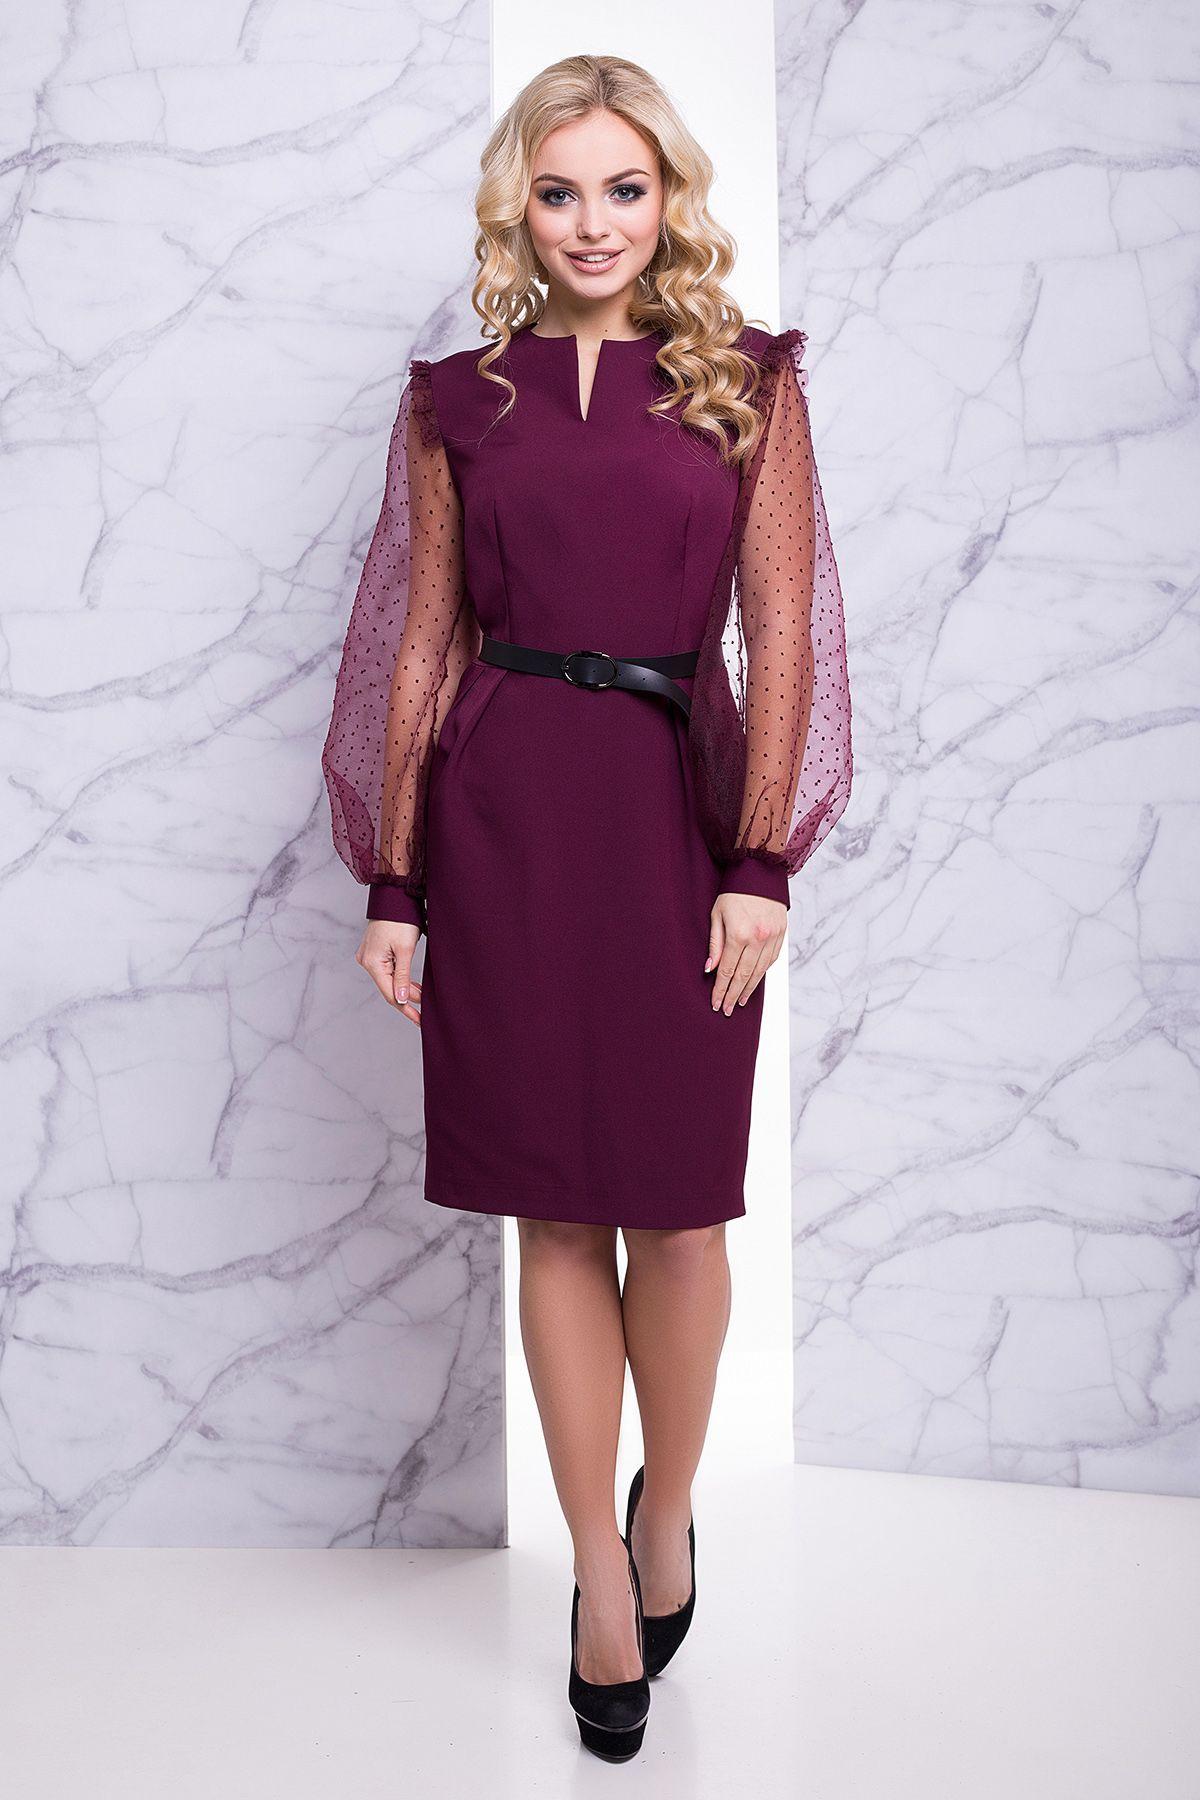 Оригінальне бордове плаття -це стильна новинка модного українського  інтернет-магазину Maximoda. Для його 55001b6fd4476